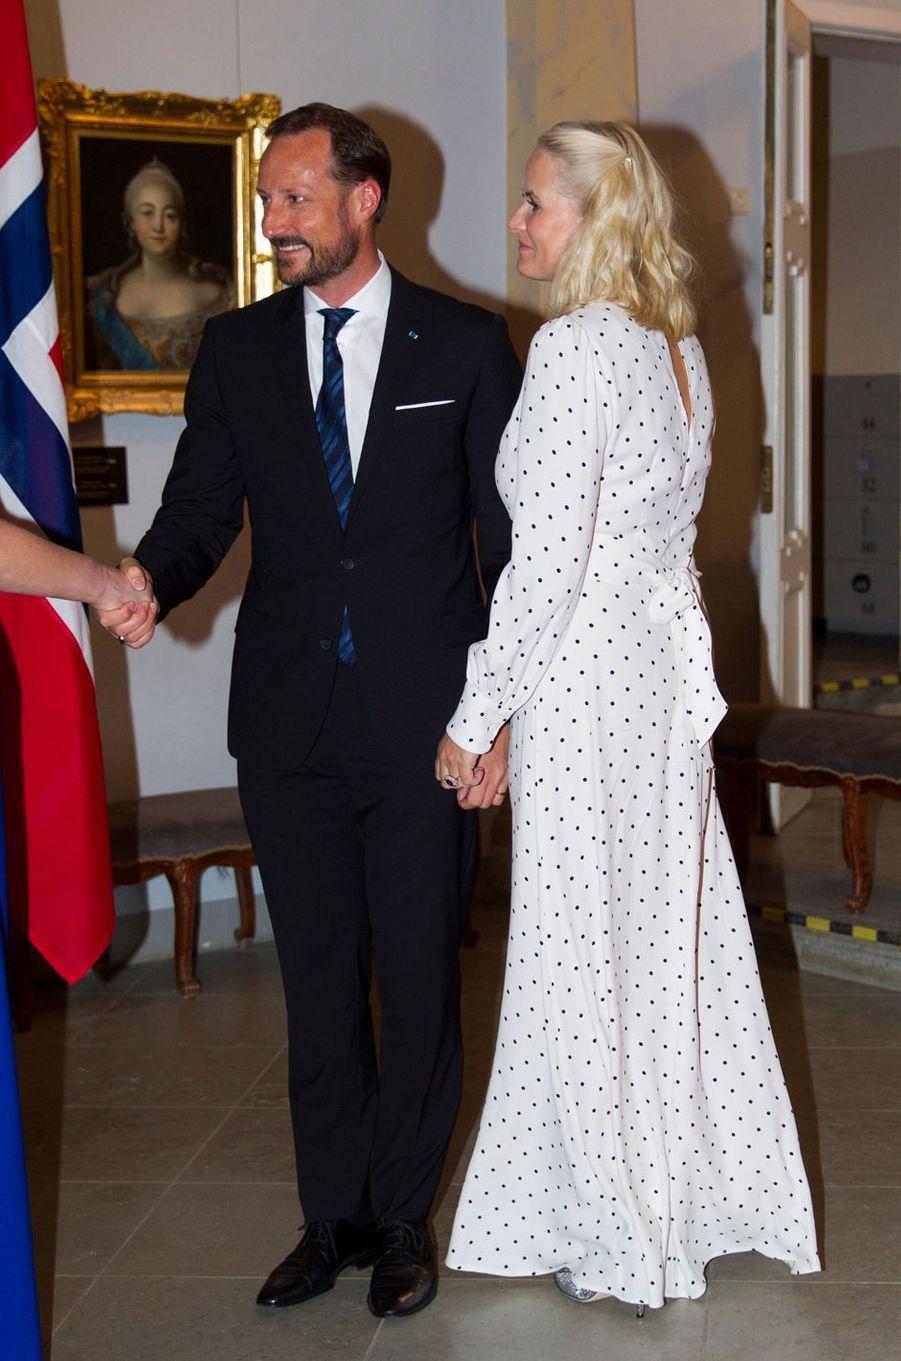 La princesse Mette-Marit et le prince Haakon de Norvège à Tallinn, le 25 avril 2018